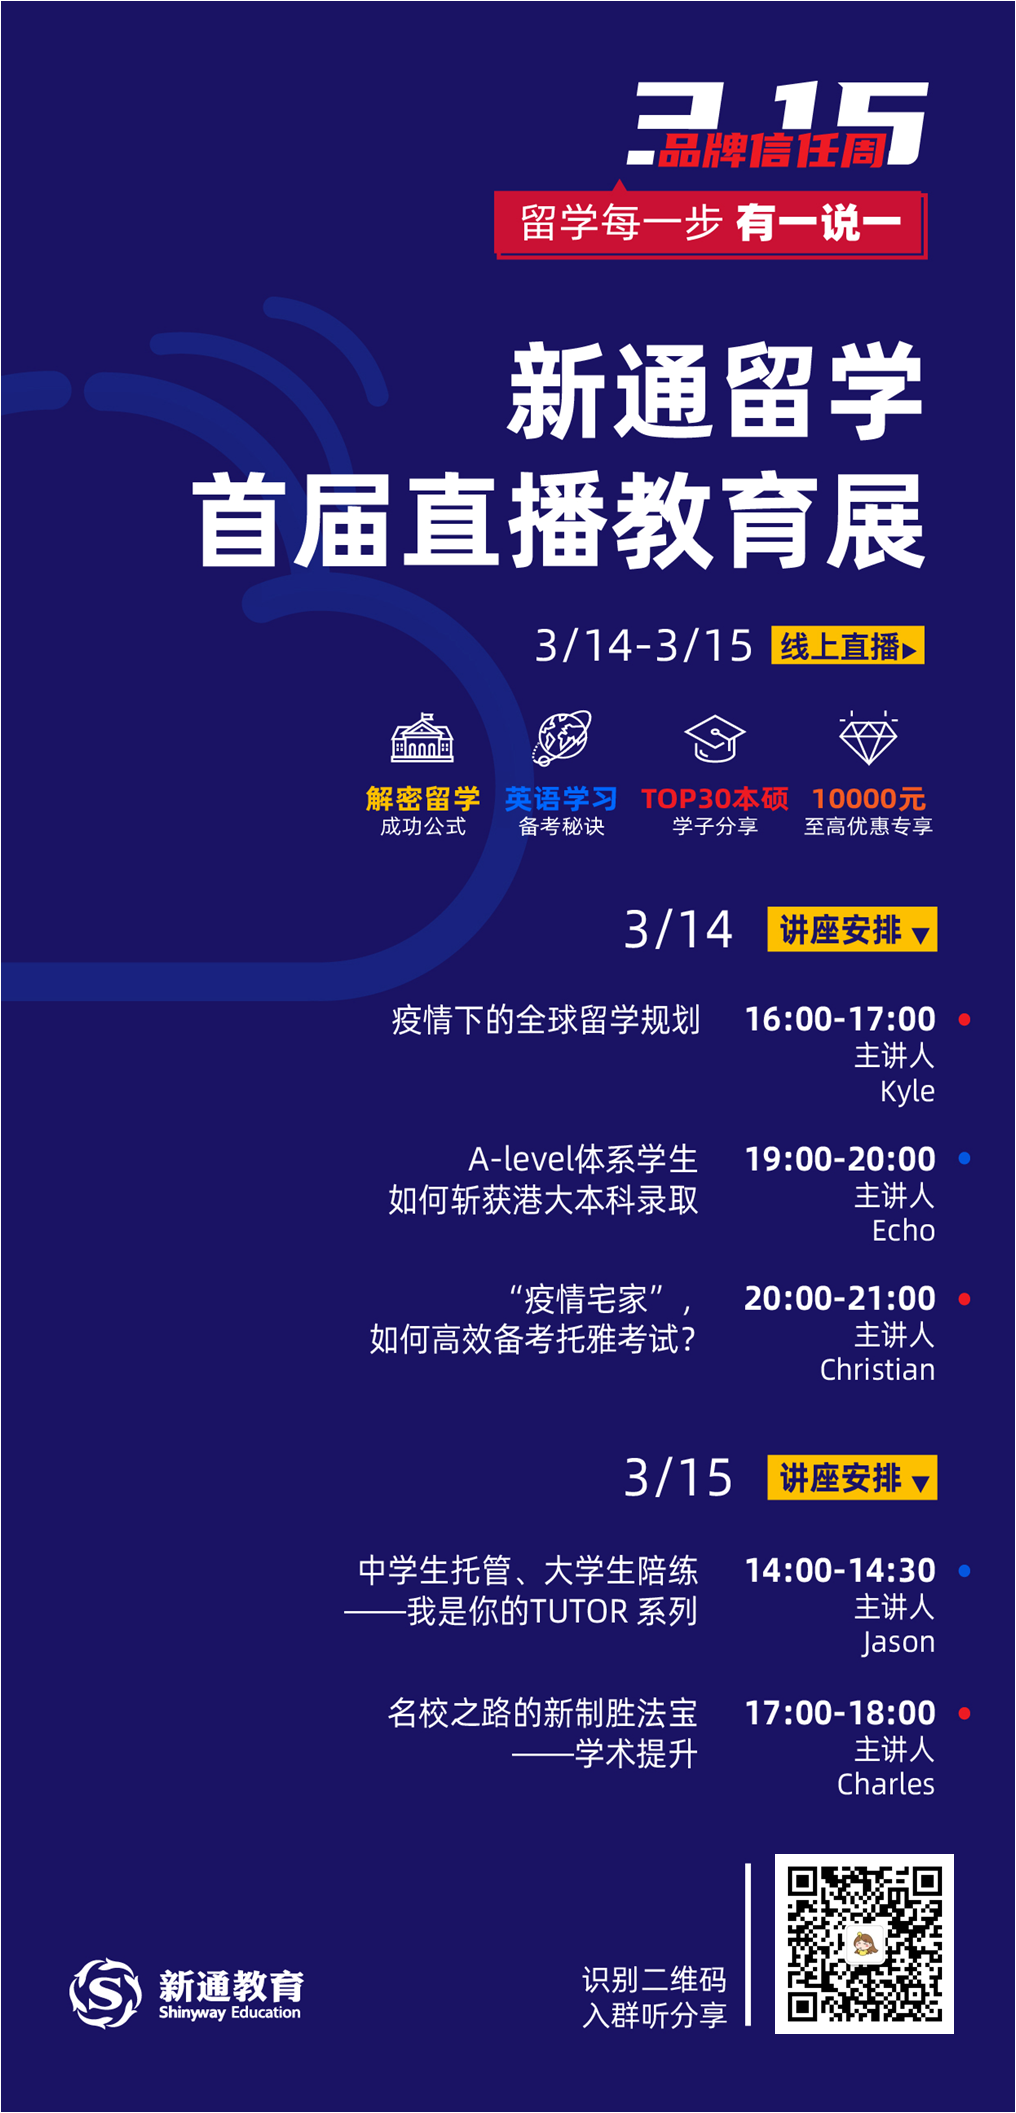 深圳品牌信任周